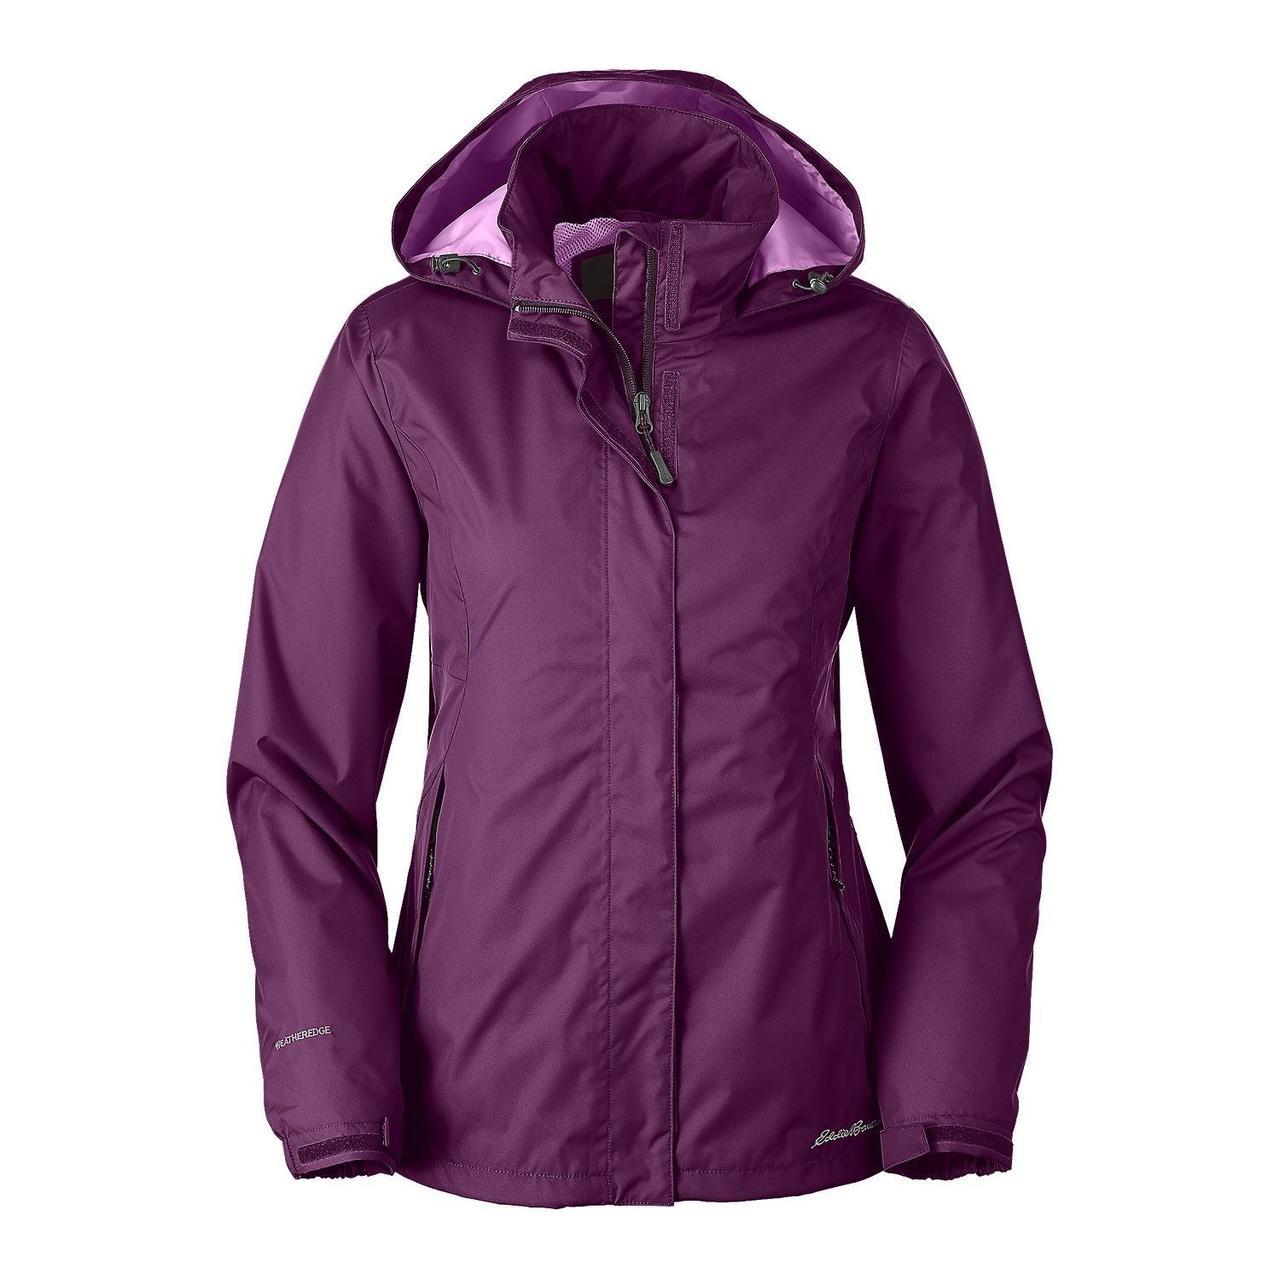 Мембранная куртка женская Eddie Bauer Womens Rainfoil Jacket AMETHYST